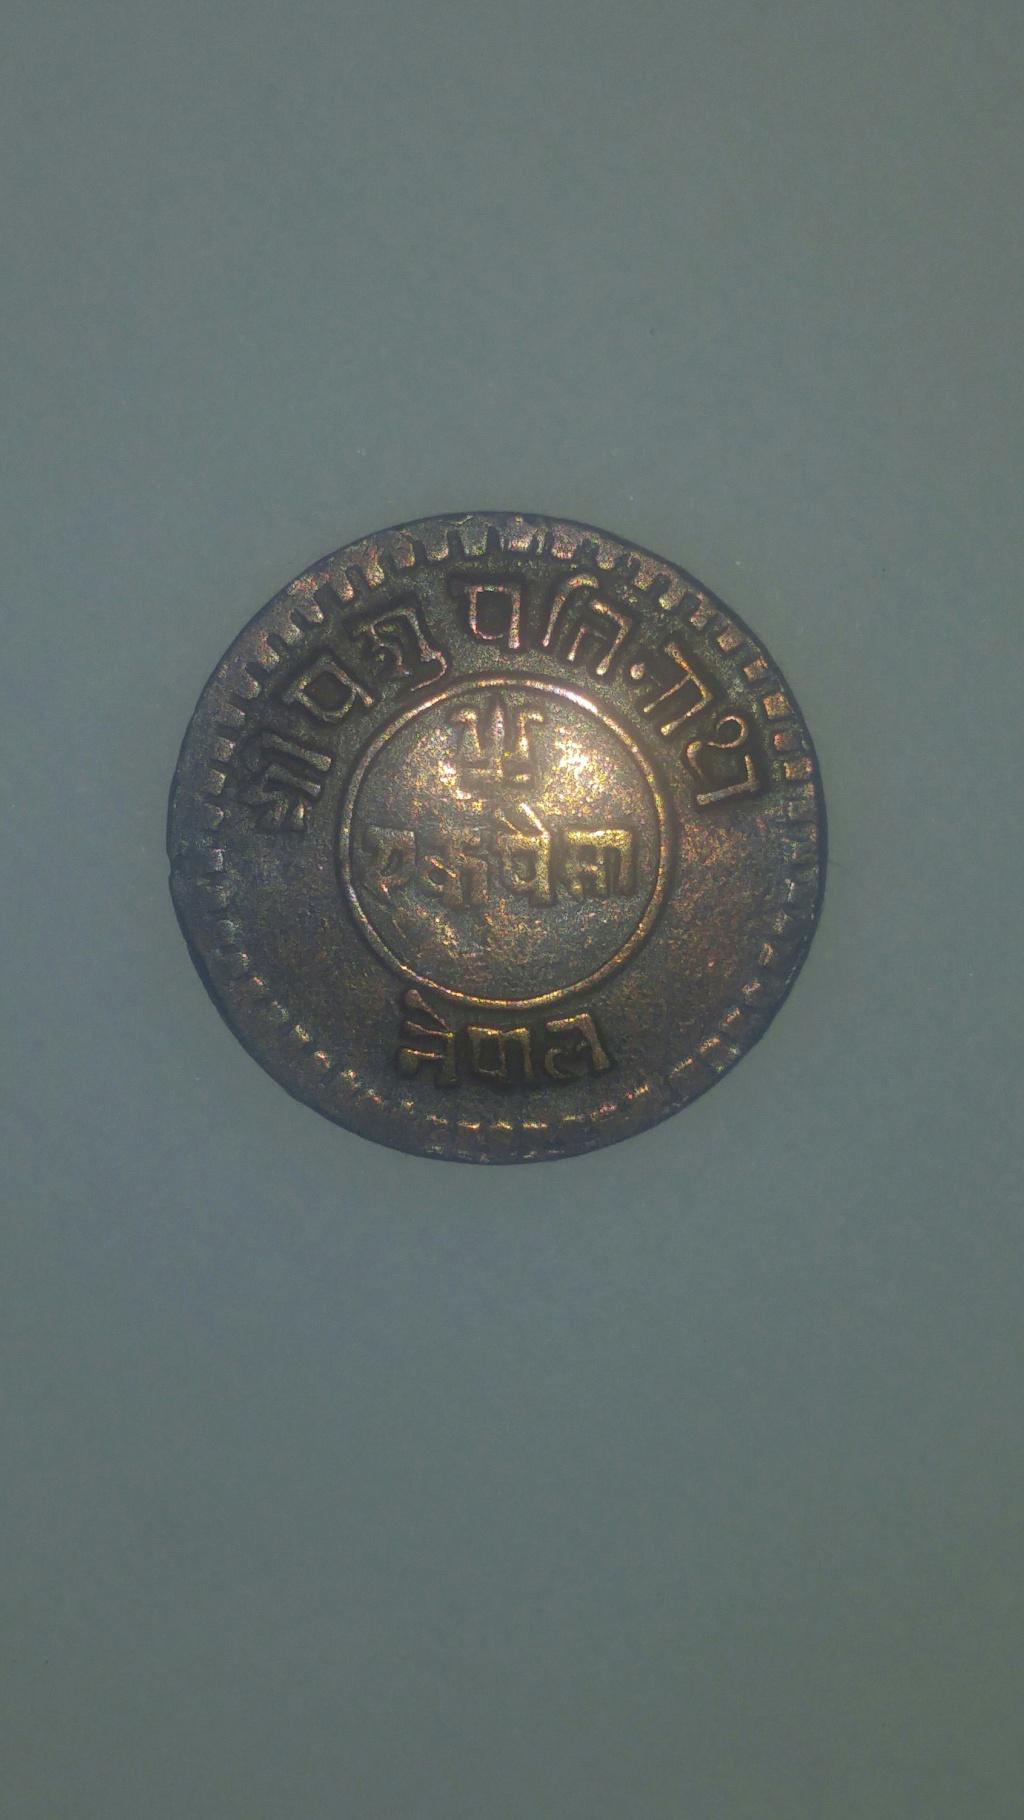 identificar moneda Cm180918